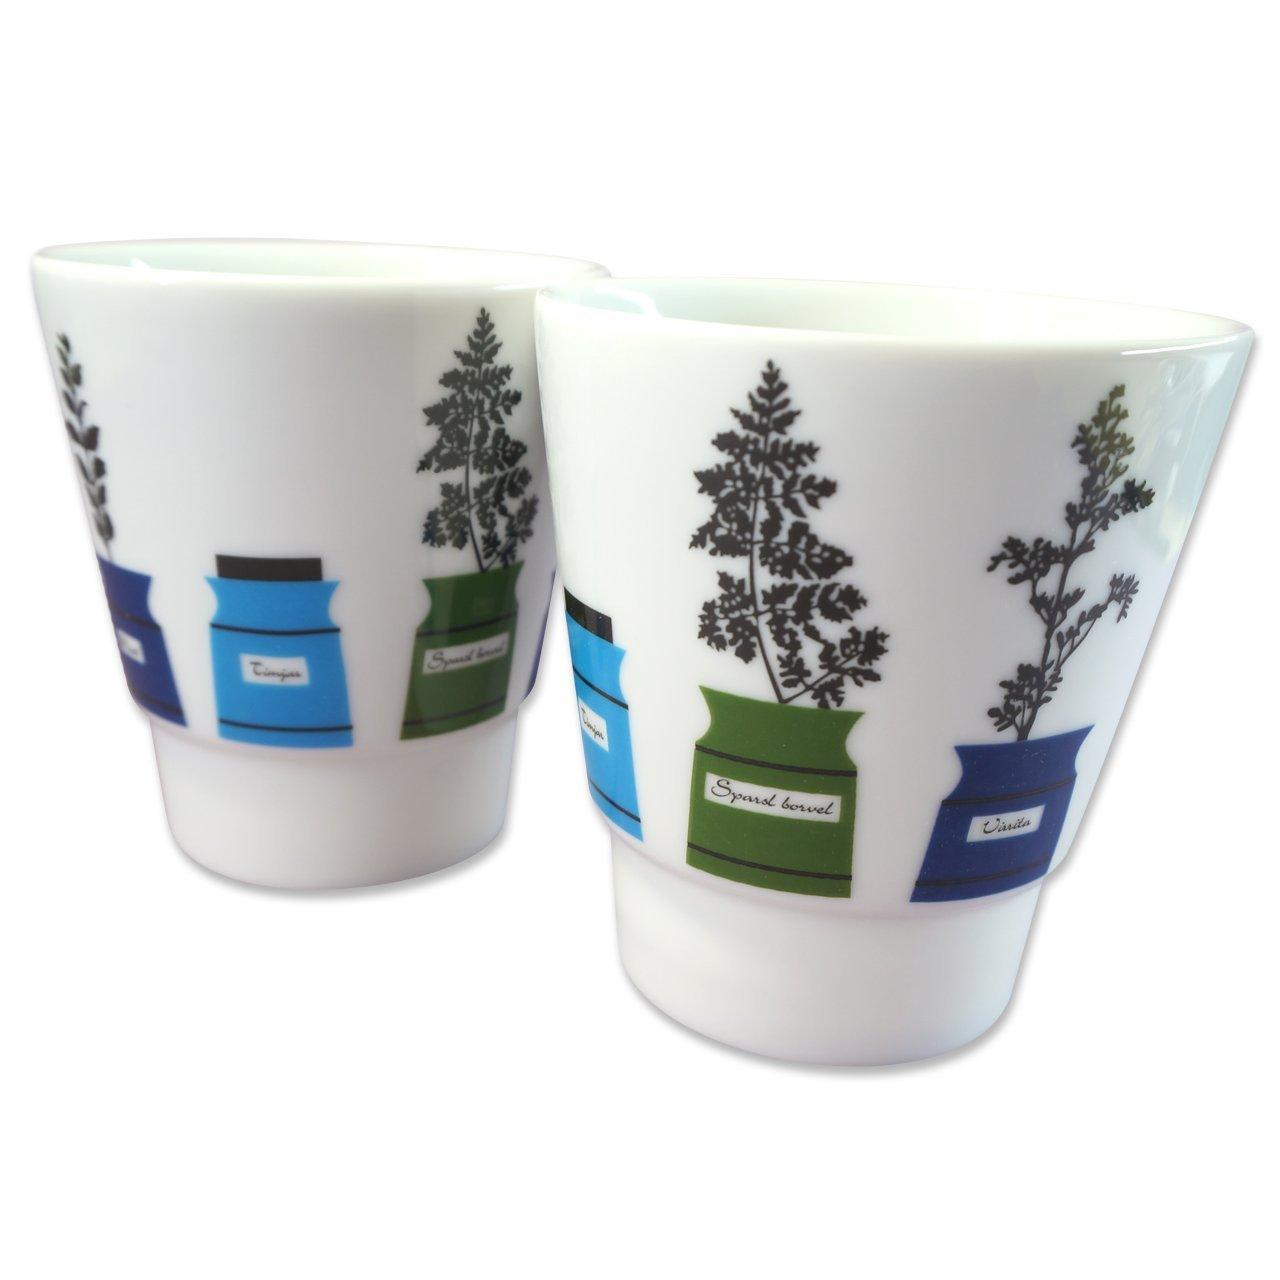 マグカップ2個セット Persons kryddskåp 直径8.7cm/高さ9.5cm